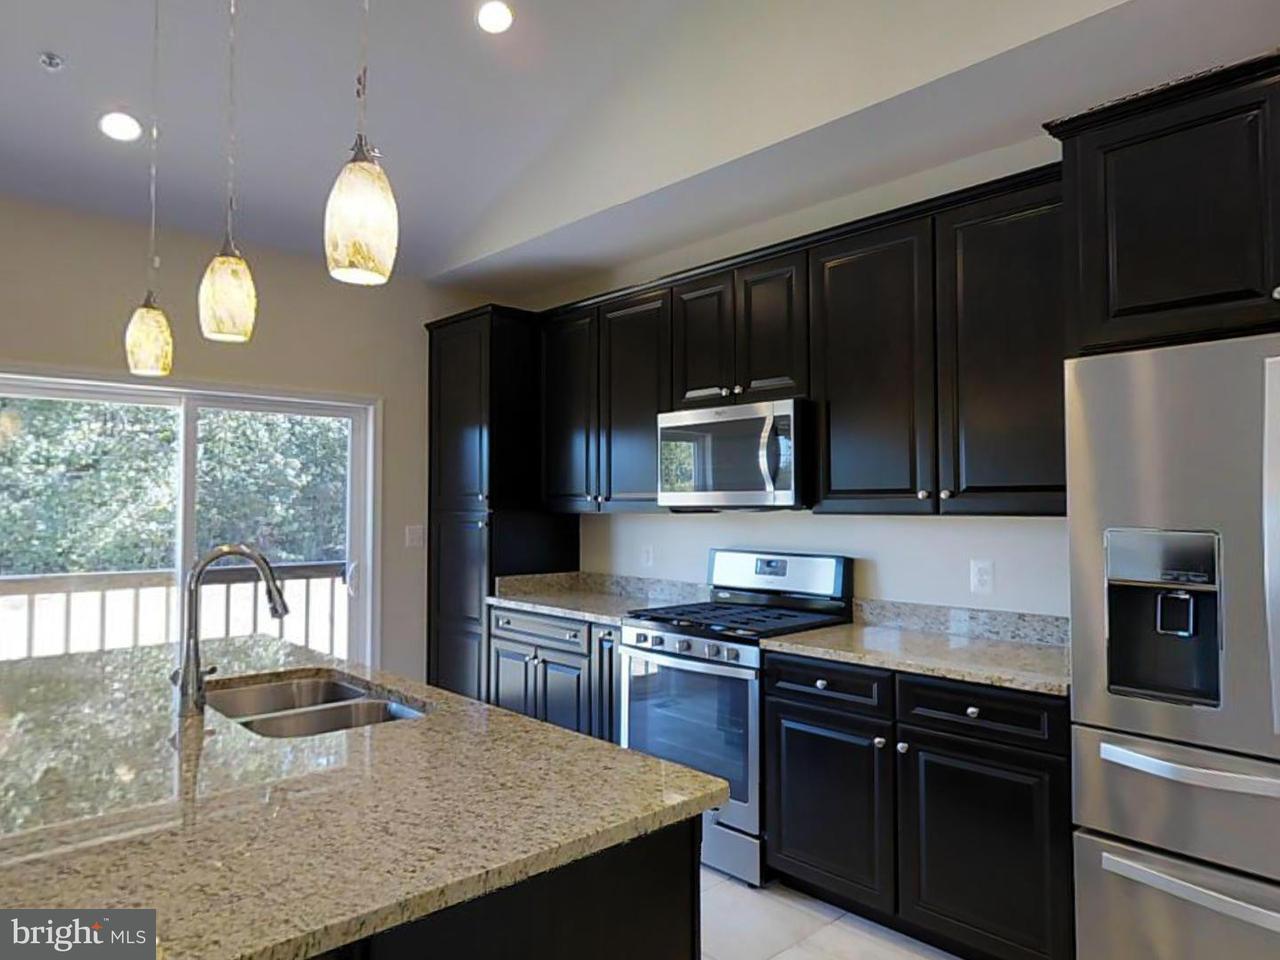 Частный односемейный дом для того Продажа на 10074 Aspenleigh Court 10074 Aspenleigh Court Newburg, Мэриленд 20664 Соединенные Штаты